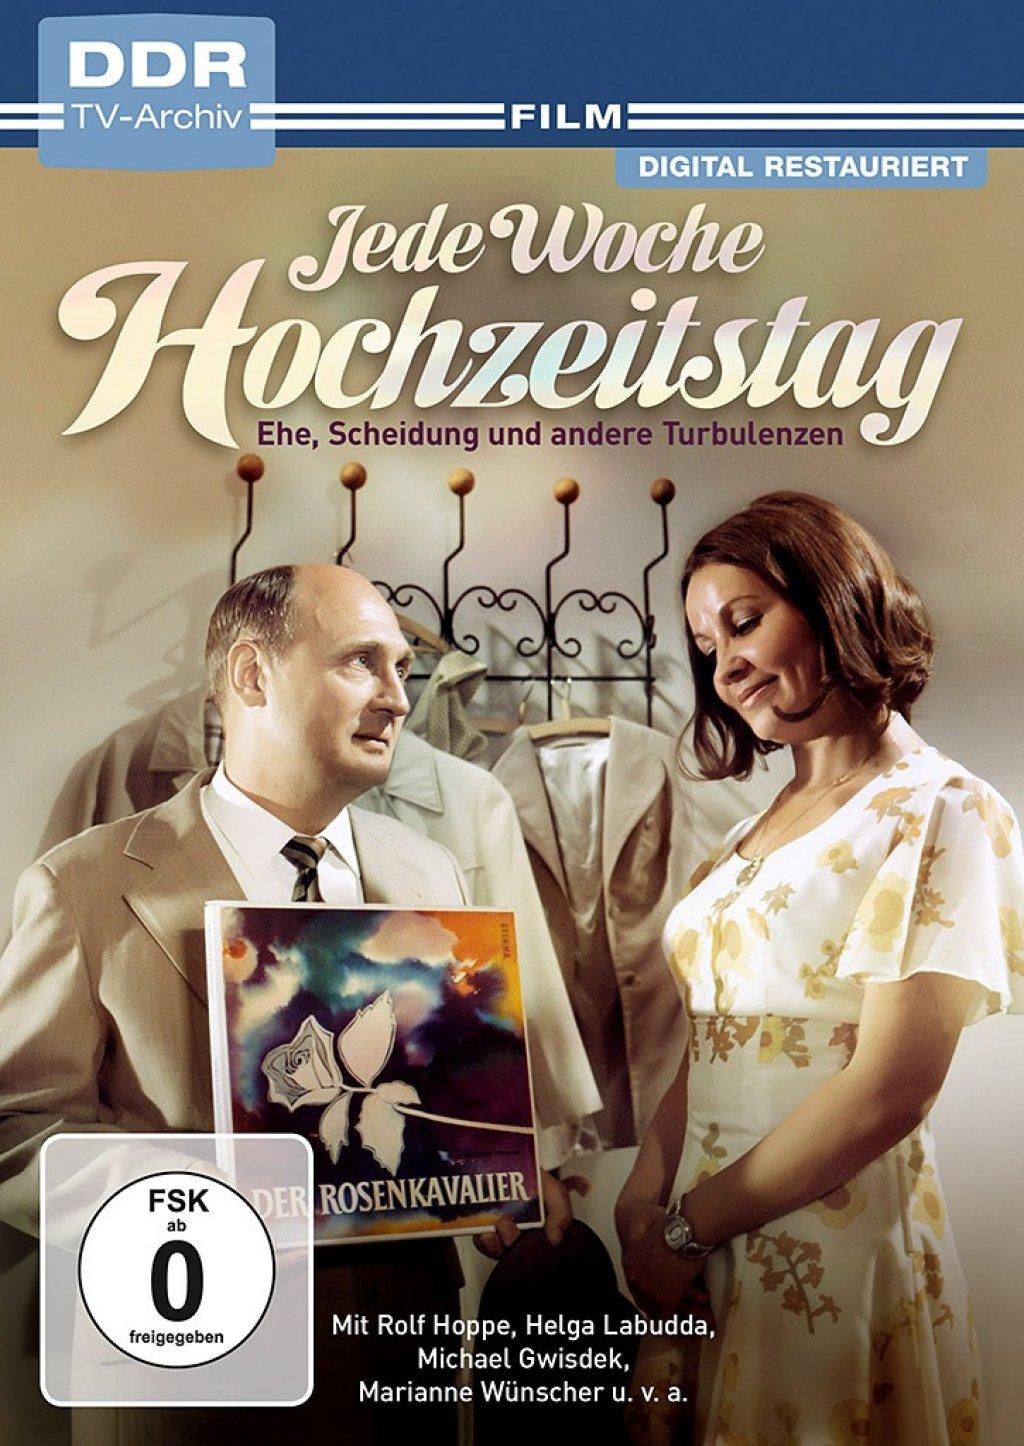 Jede Woche Hochzeitstag - DDR TV-Archiv (DVD)